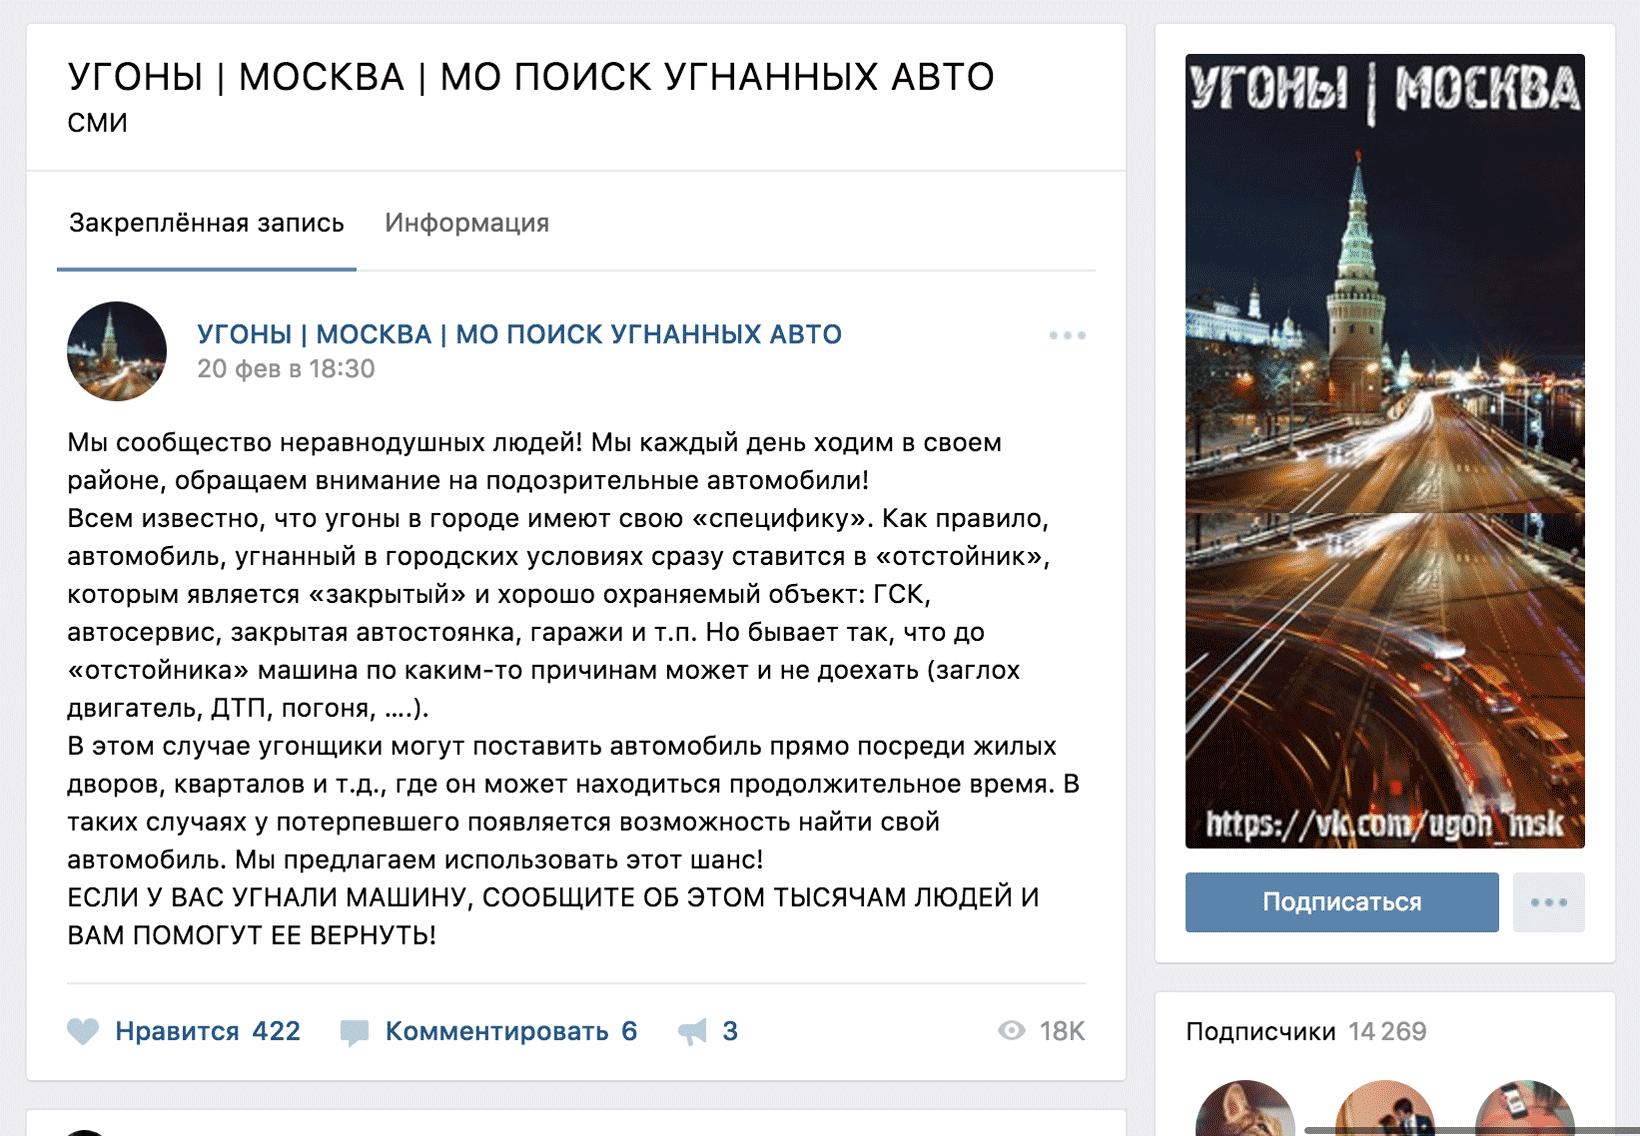 {Московская группа}(https://vk.com/ugon_msk) во «Вконтакте»